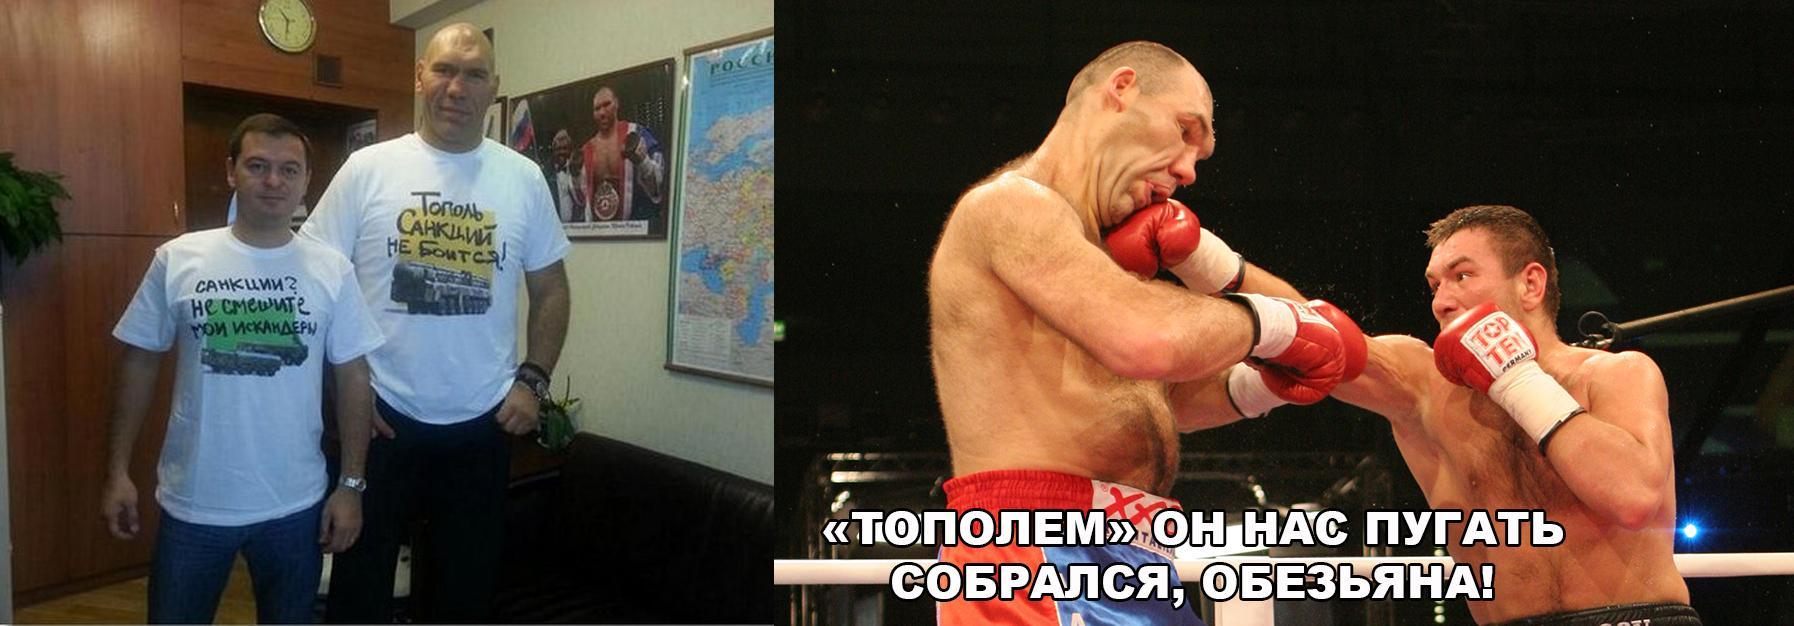 Бойцам на передовой уже сейчас не хватает теплой одежды, а Минобороны рапортует, что армия на 90% готова к зиме, - волонтер Юрий Касьянов - Цензор.НЕТ 154